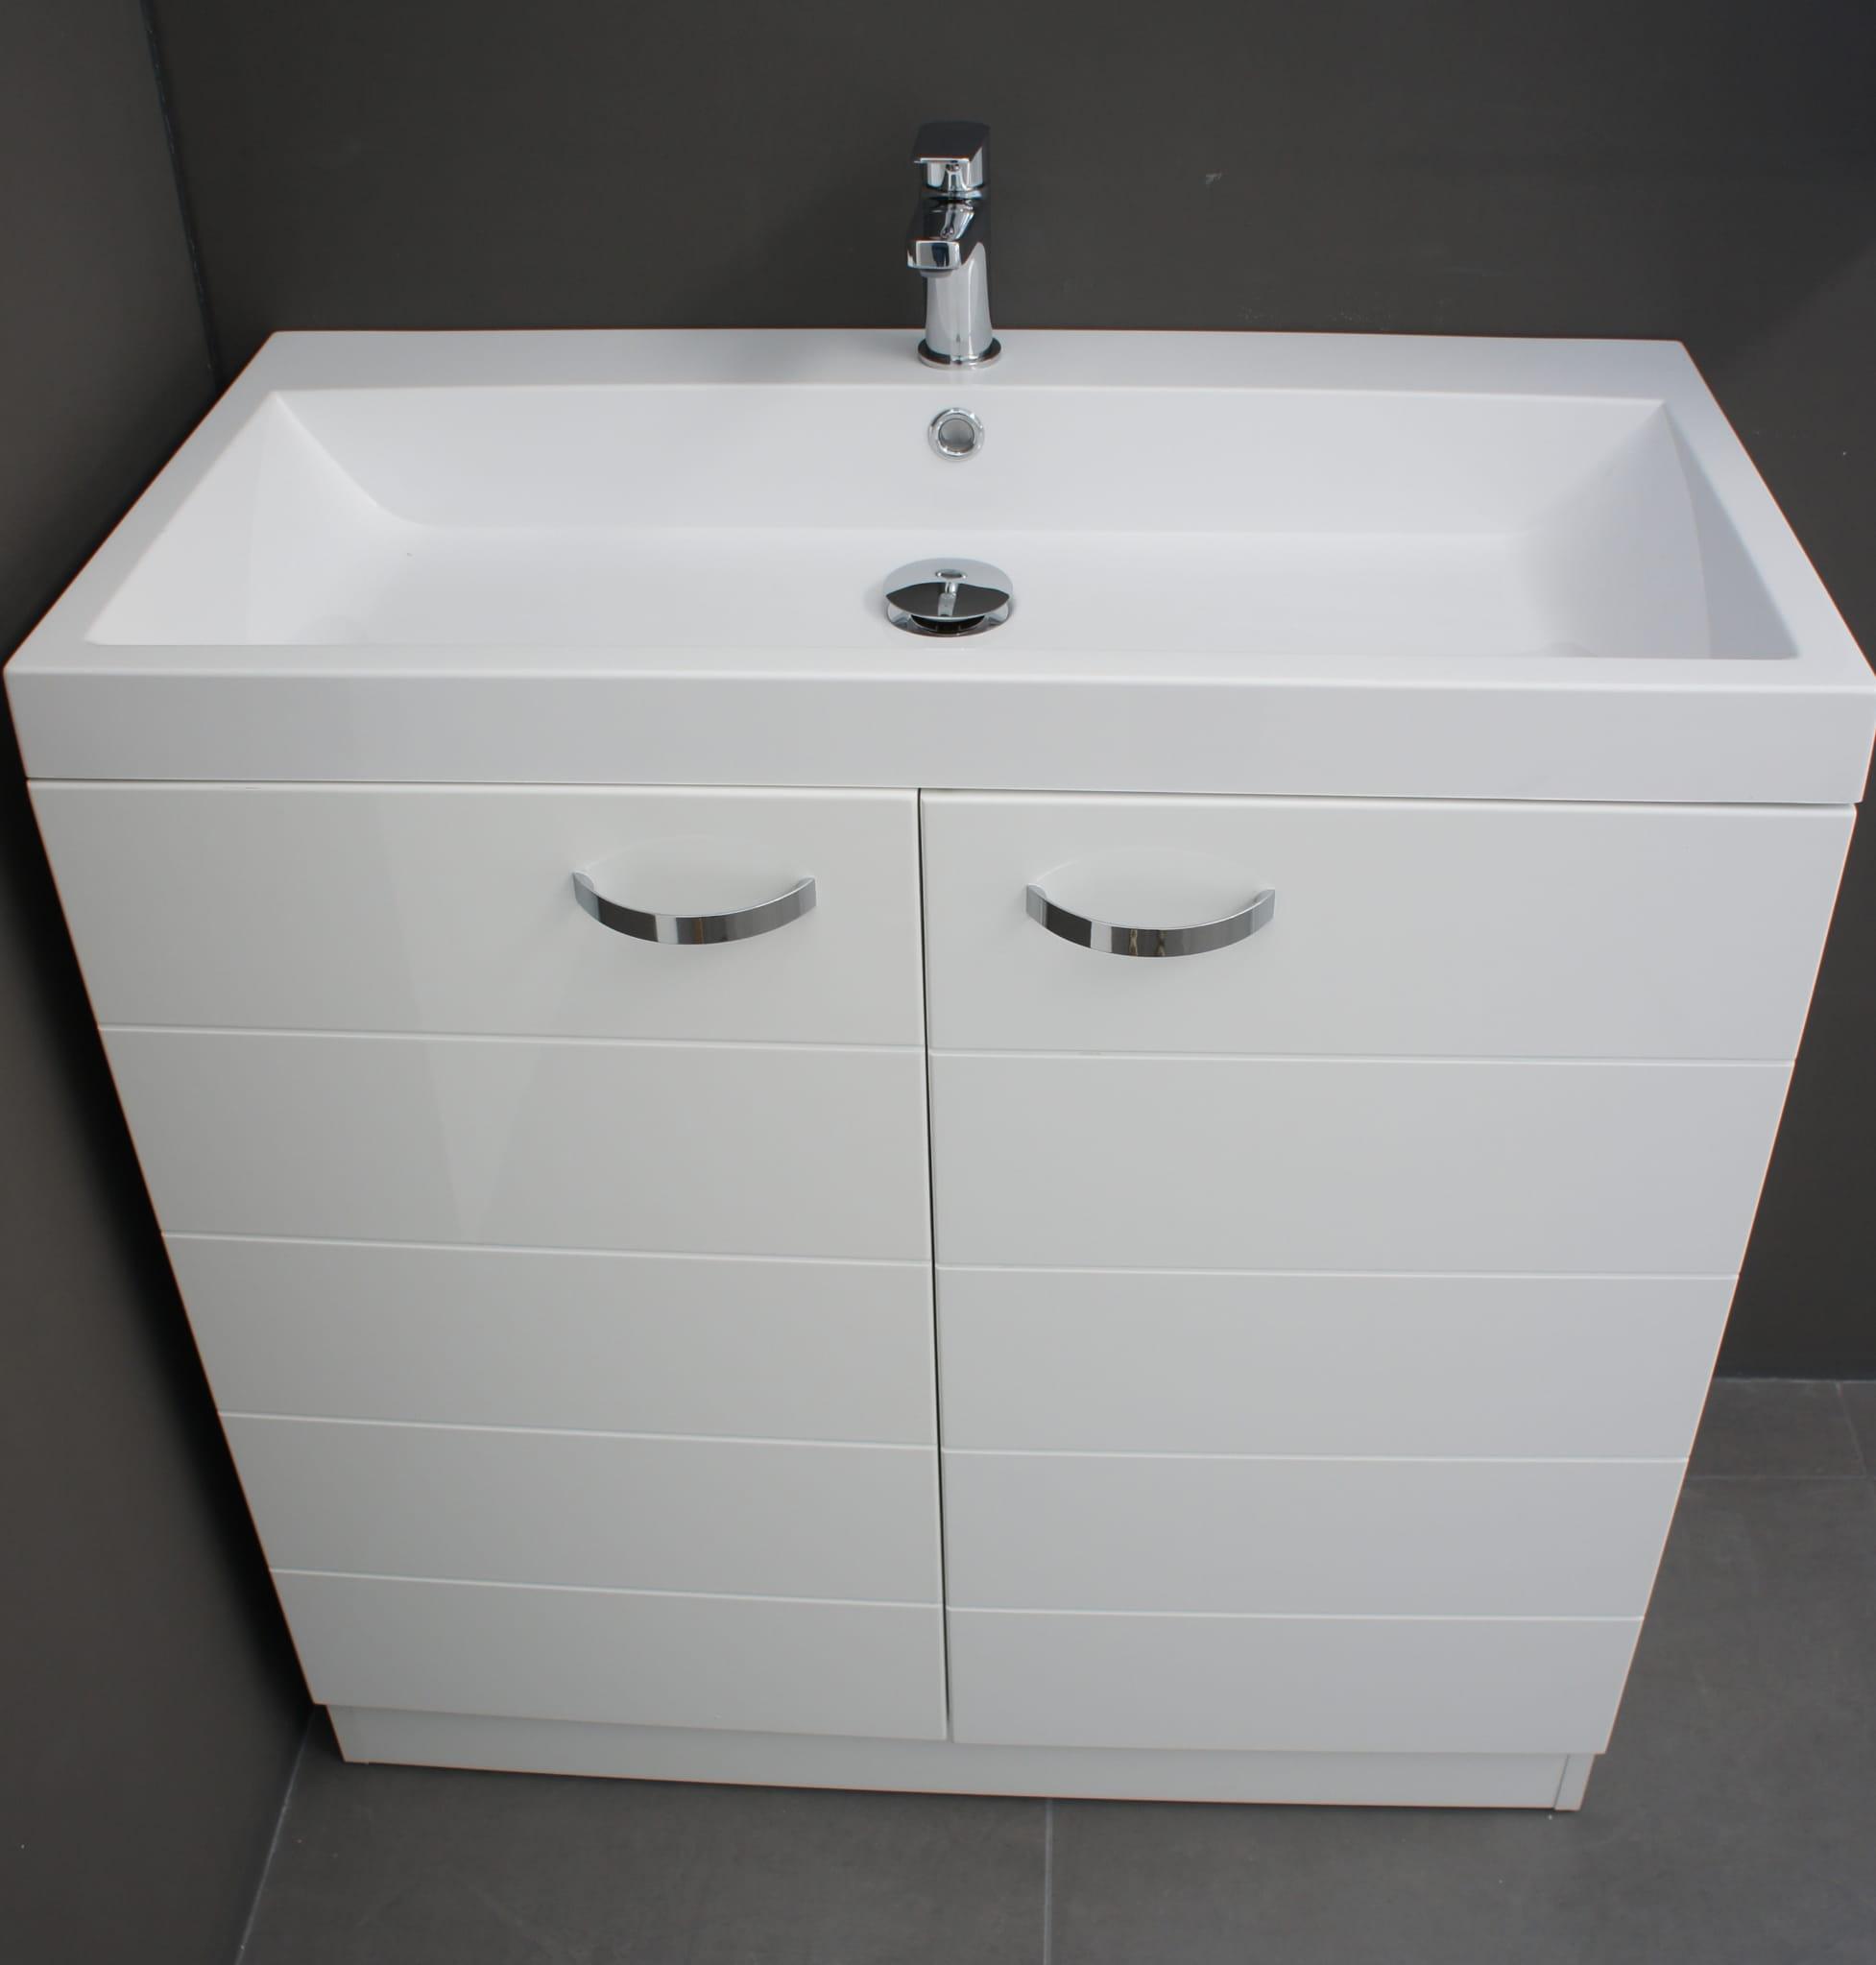 Uni 80 Szafka łazienkowa Z Umywalką 2x Drzwi Inbathpl